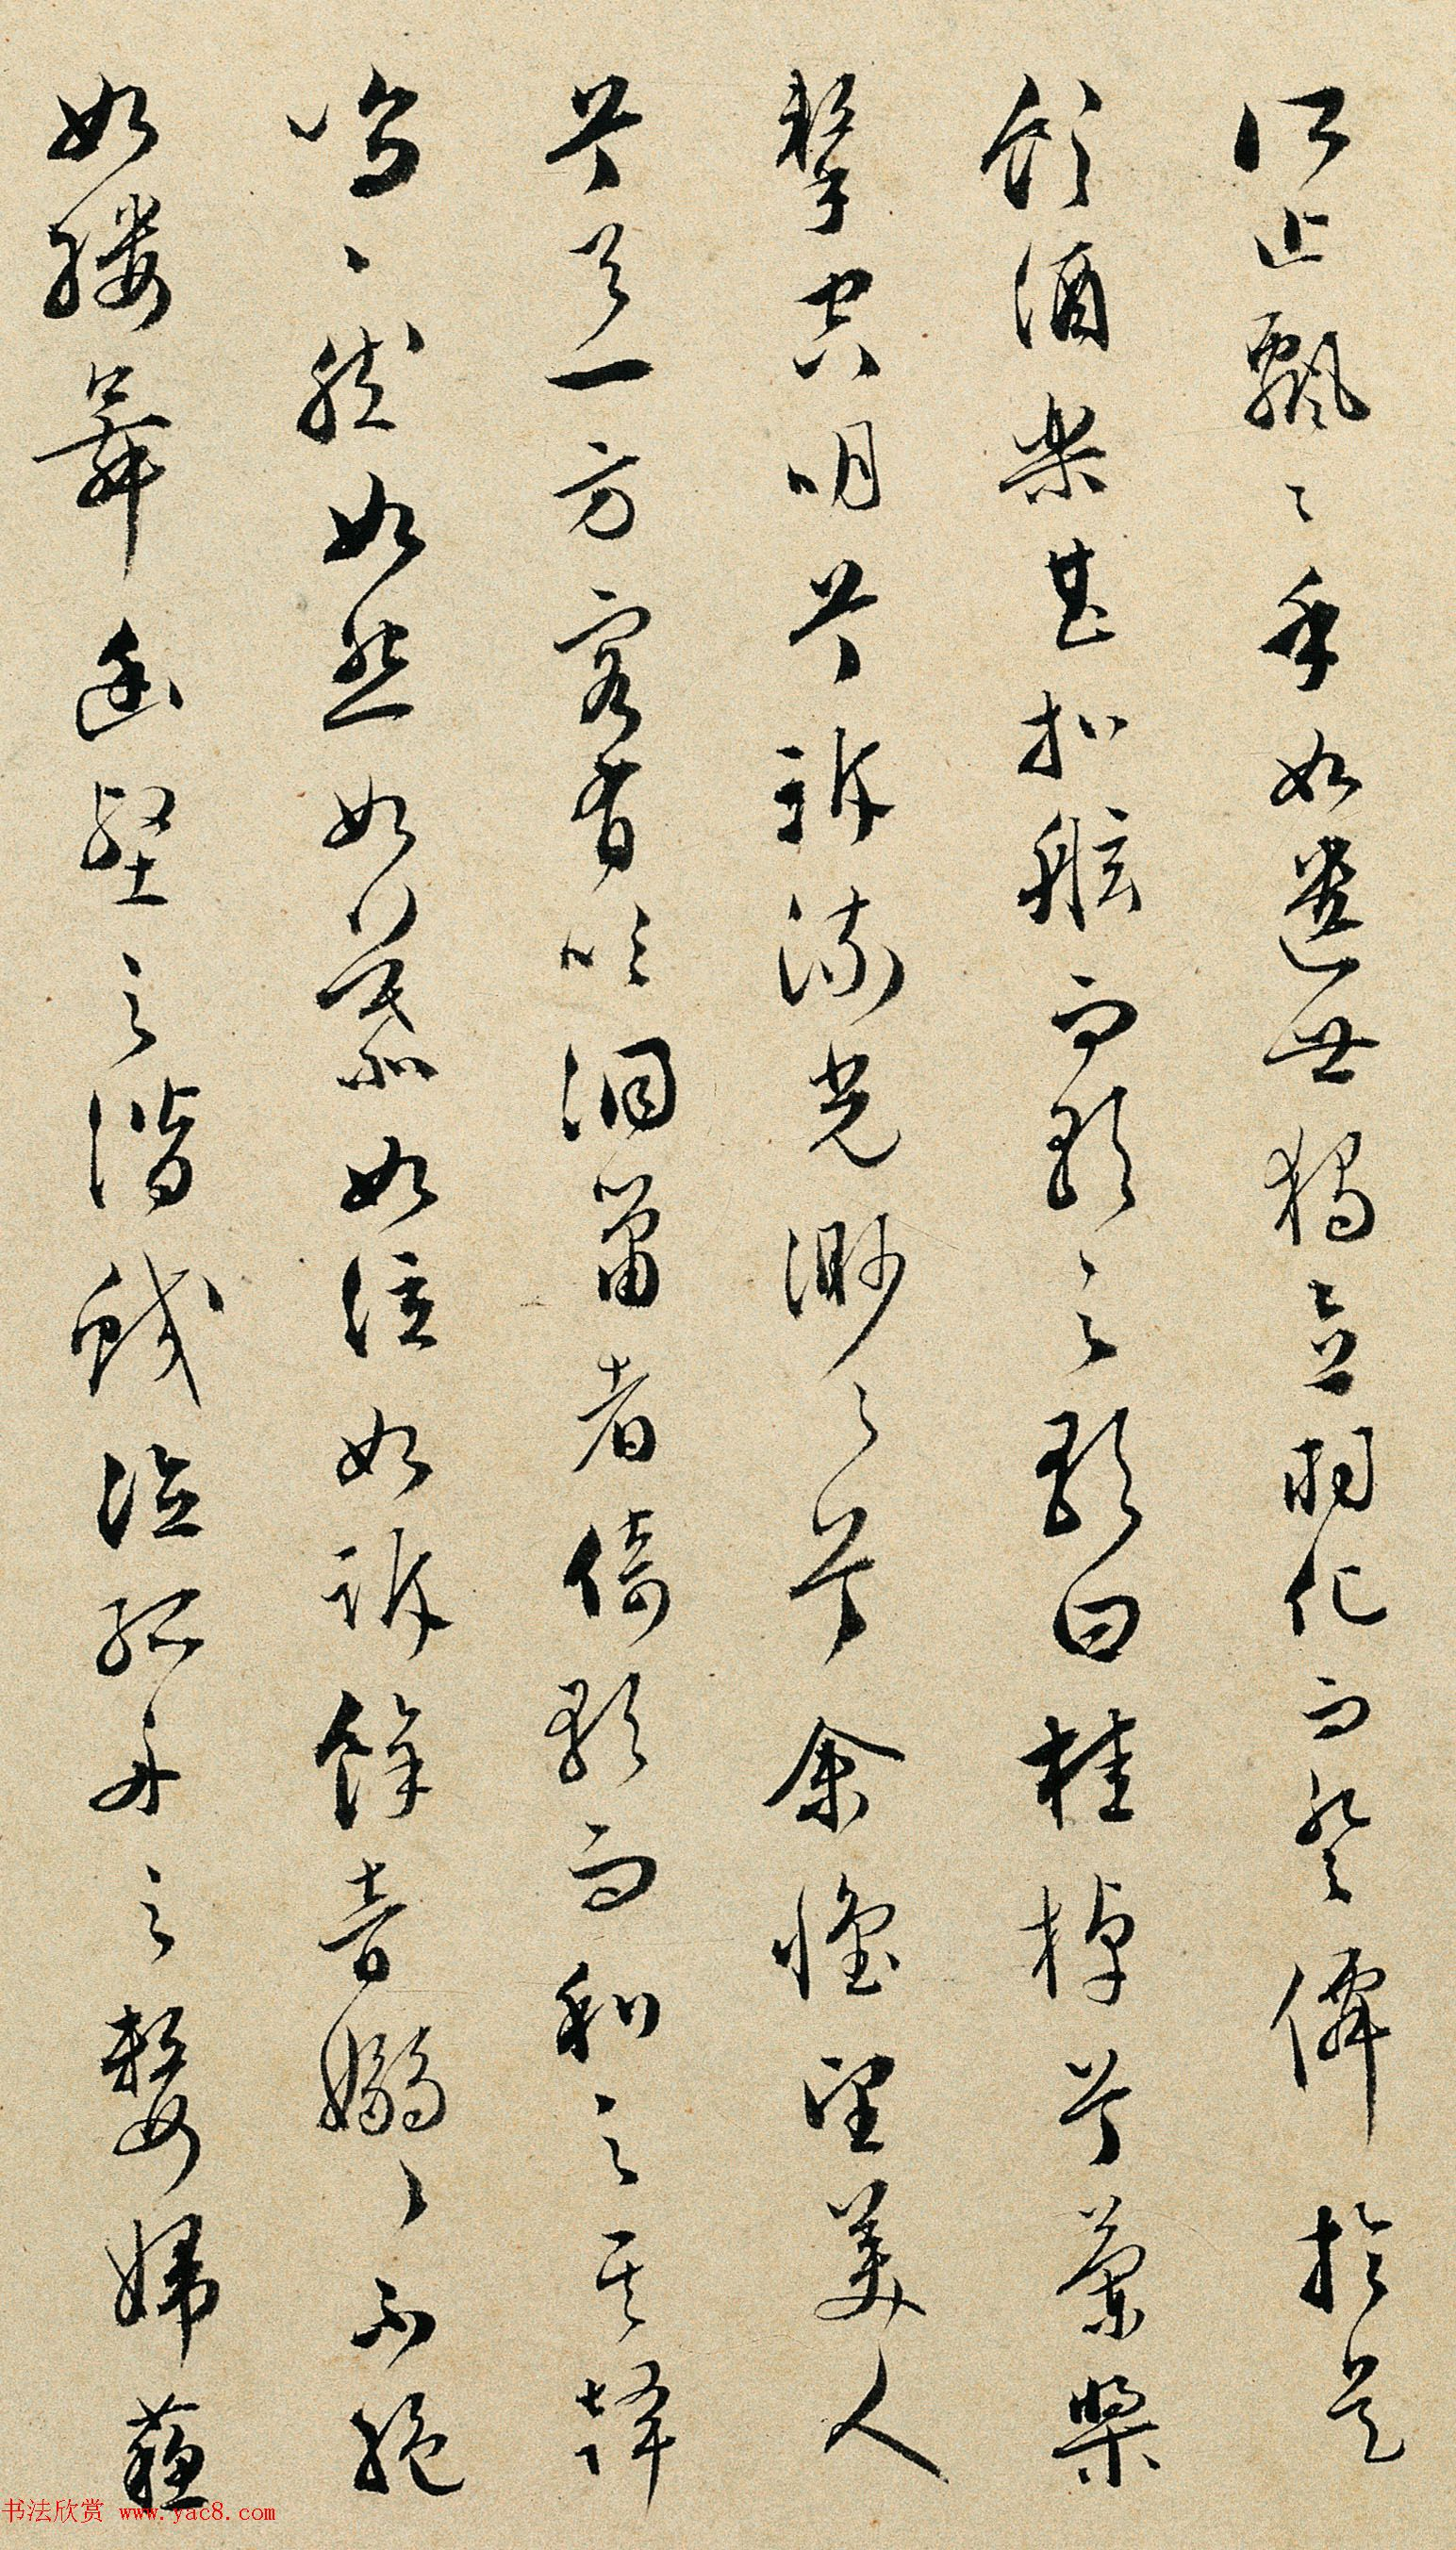 文彭行草书法赤壁赋高清大图欣赏